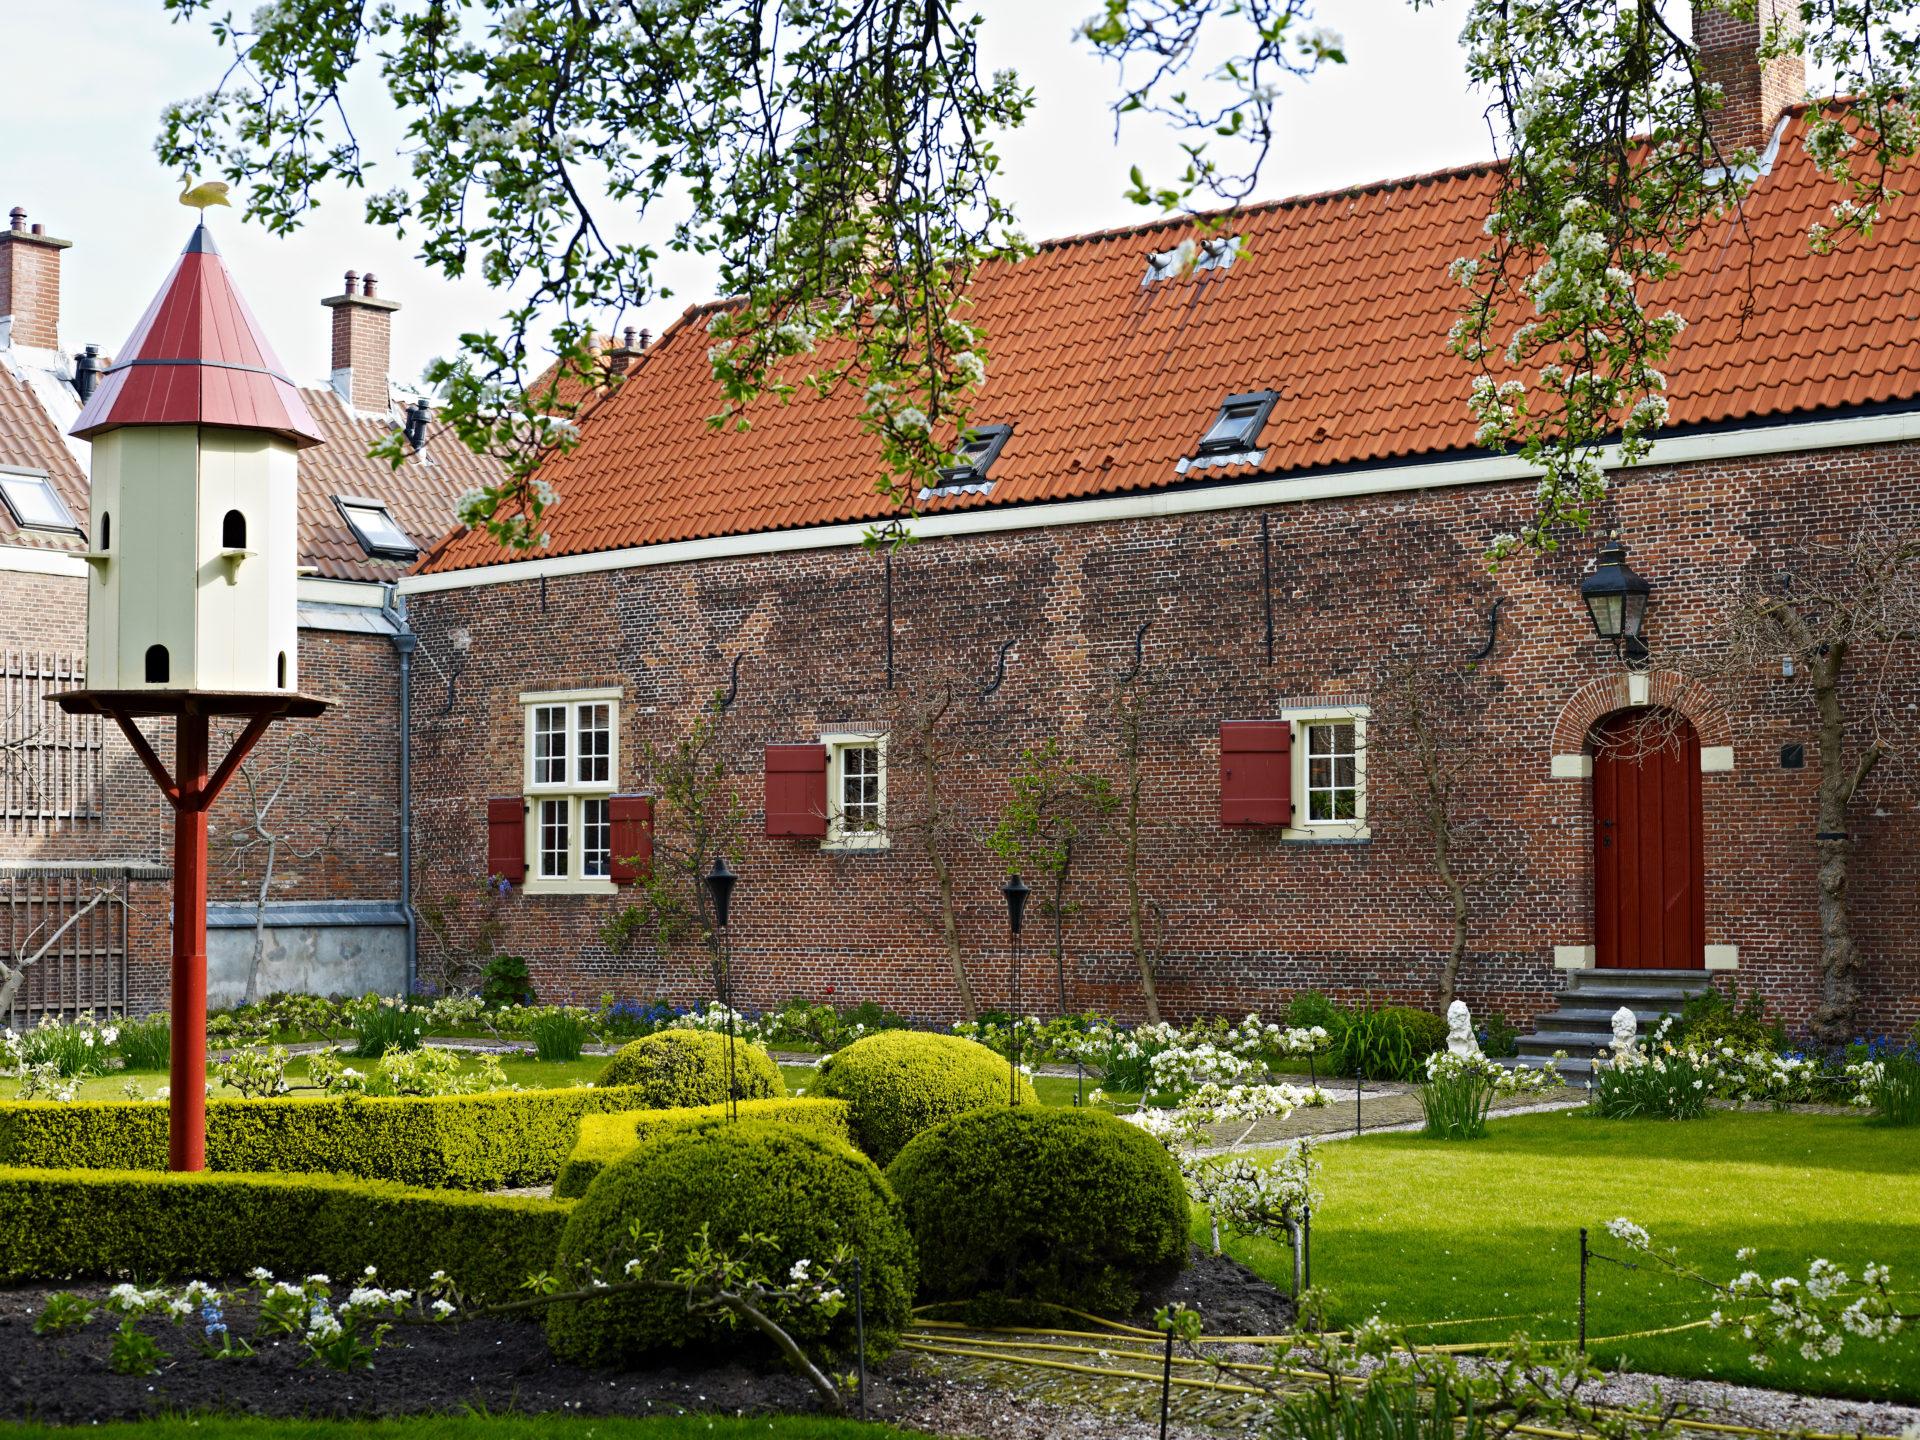 Ein Hofje in Den Haag. Die malerischen Anwesen waren die Sozialwohnungen der Vergangenheit